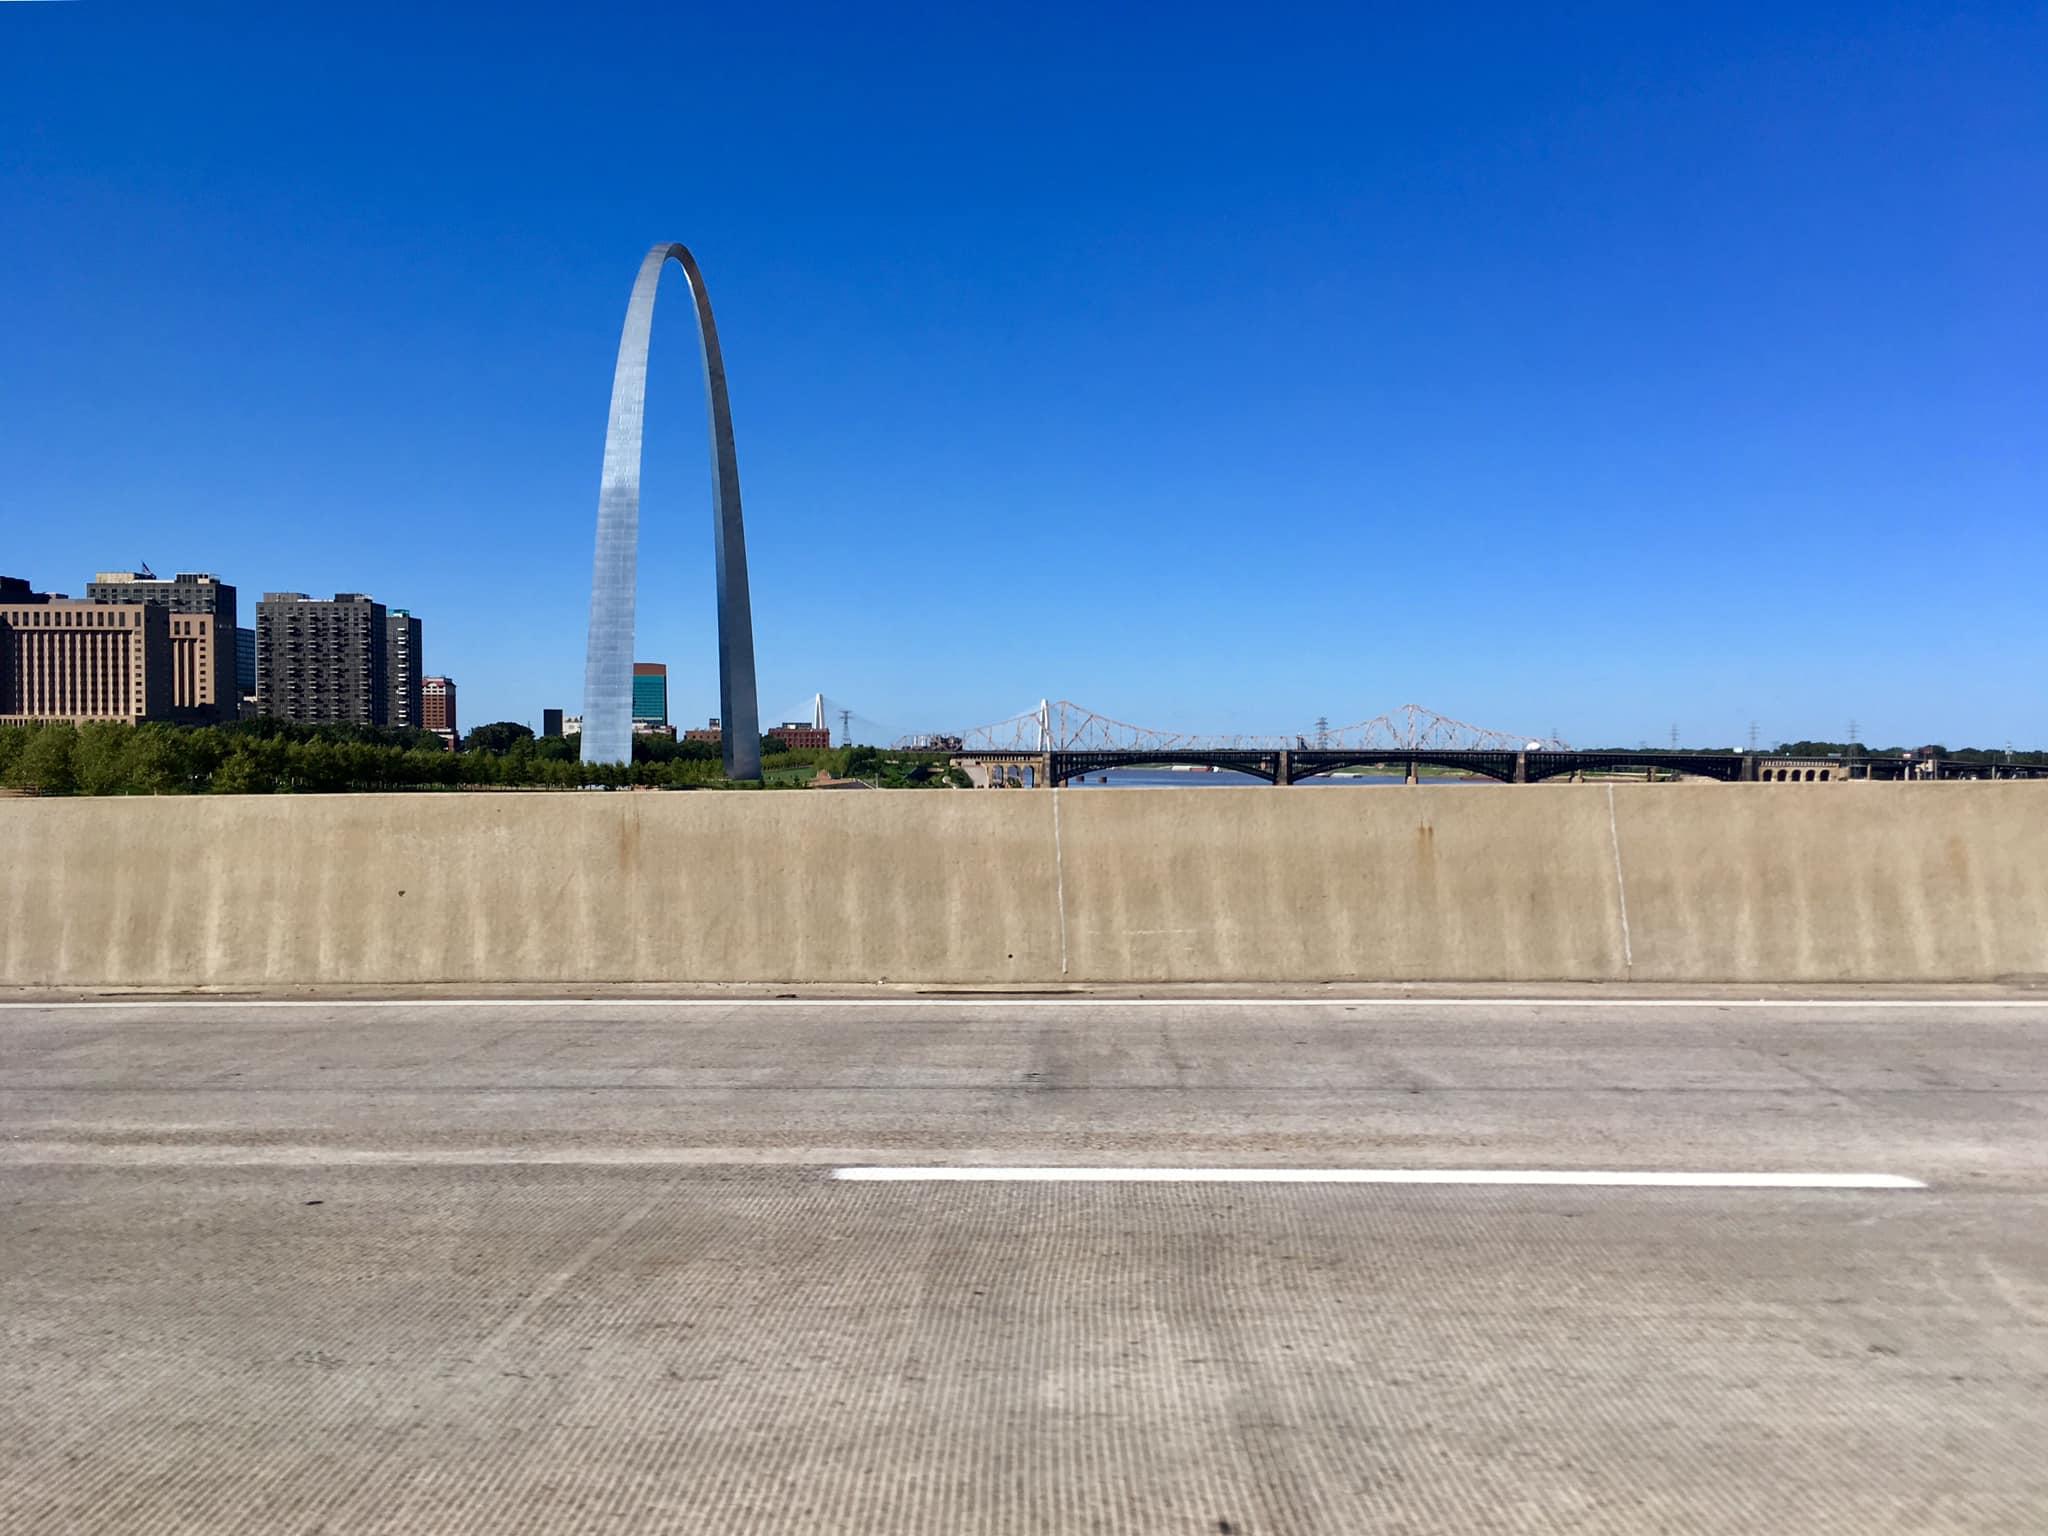 Good morning Saint Louis